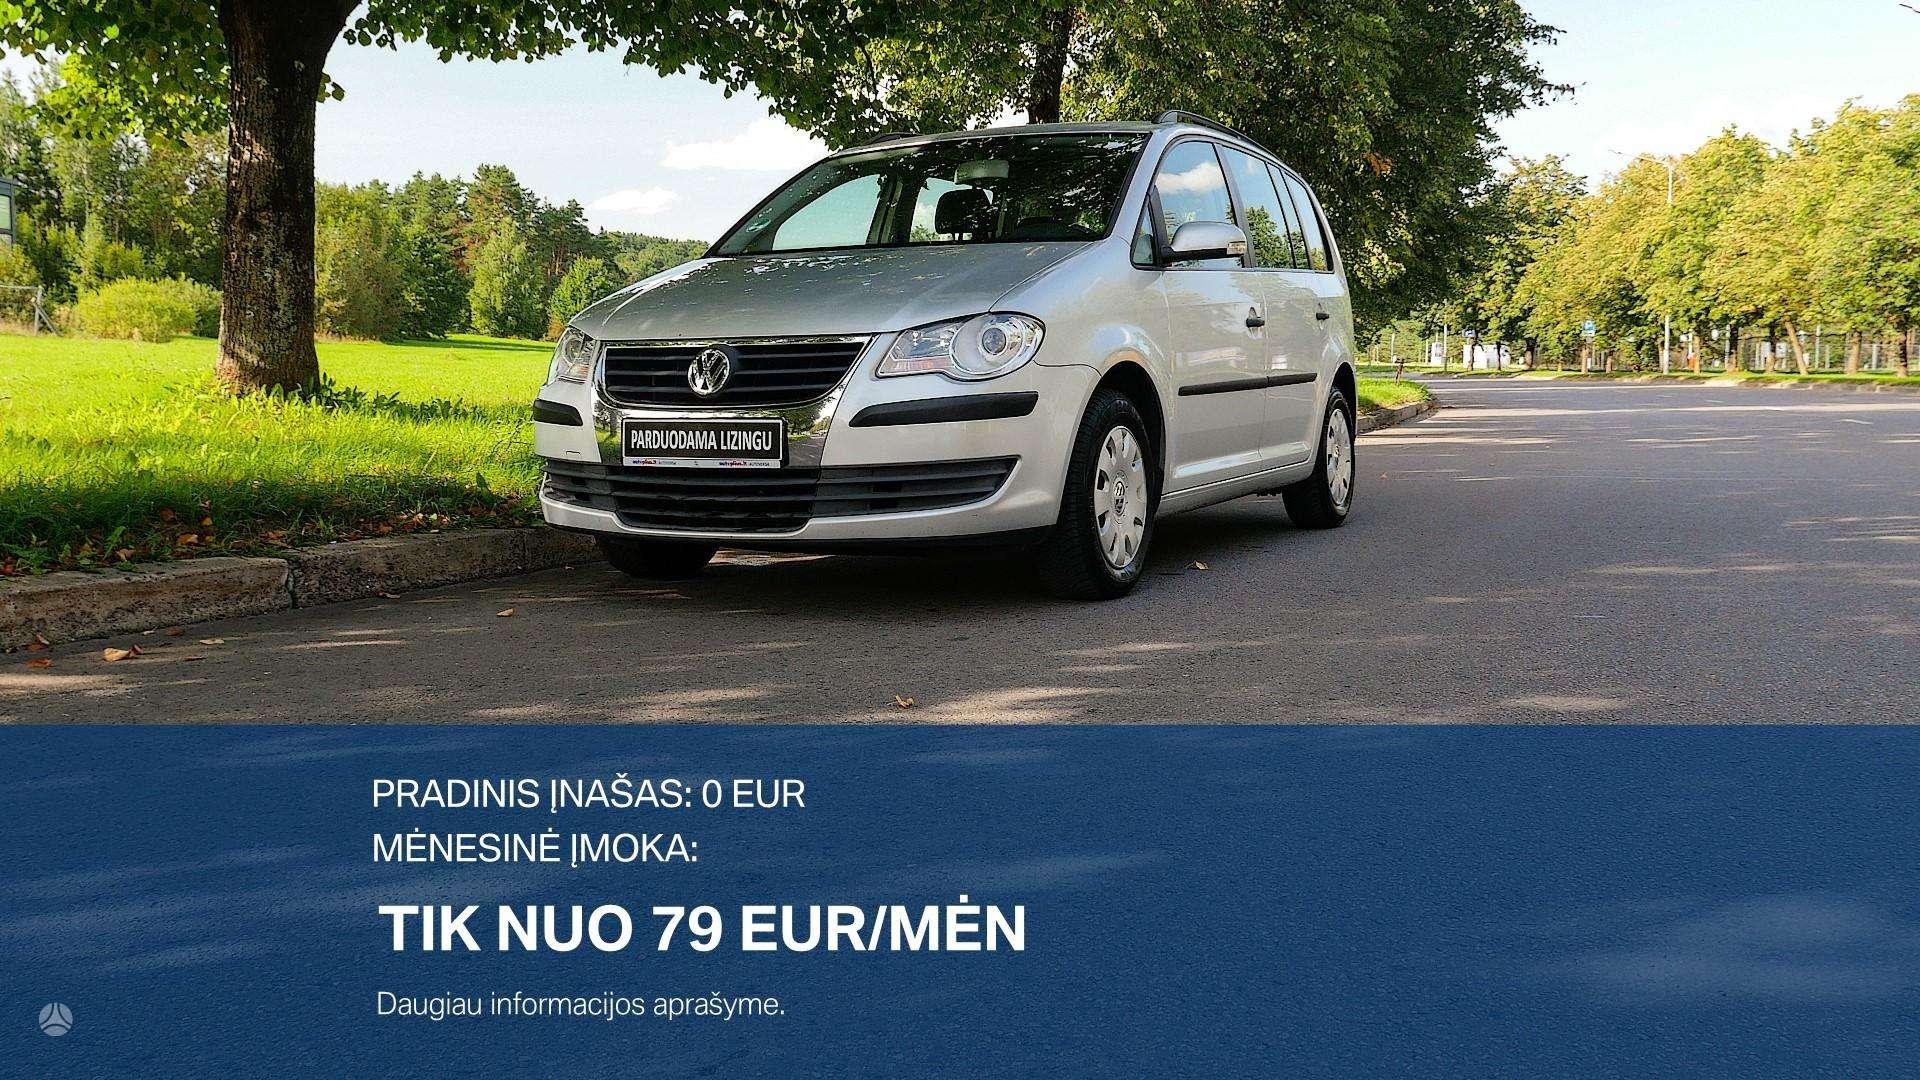 Volkswagen Touran Išsimokėtinai nuo 79Eur/Mėn su 3 mėnesių garantija